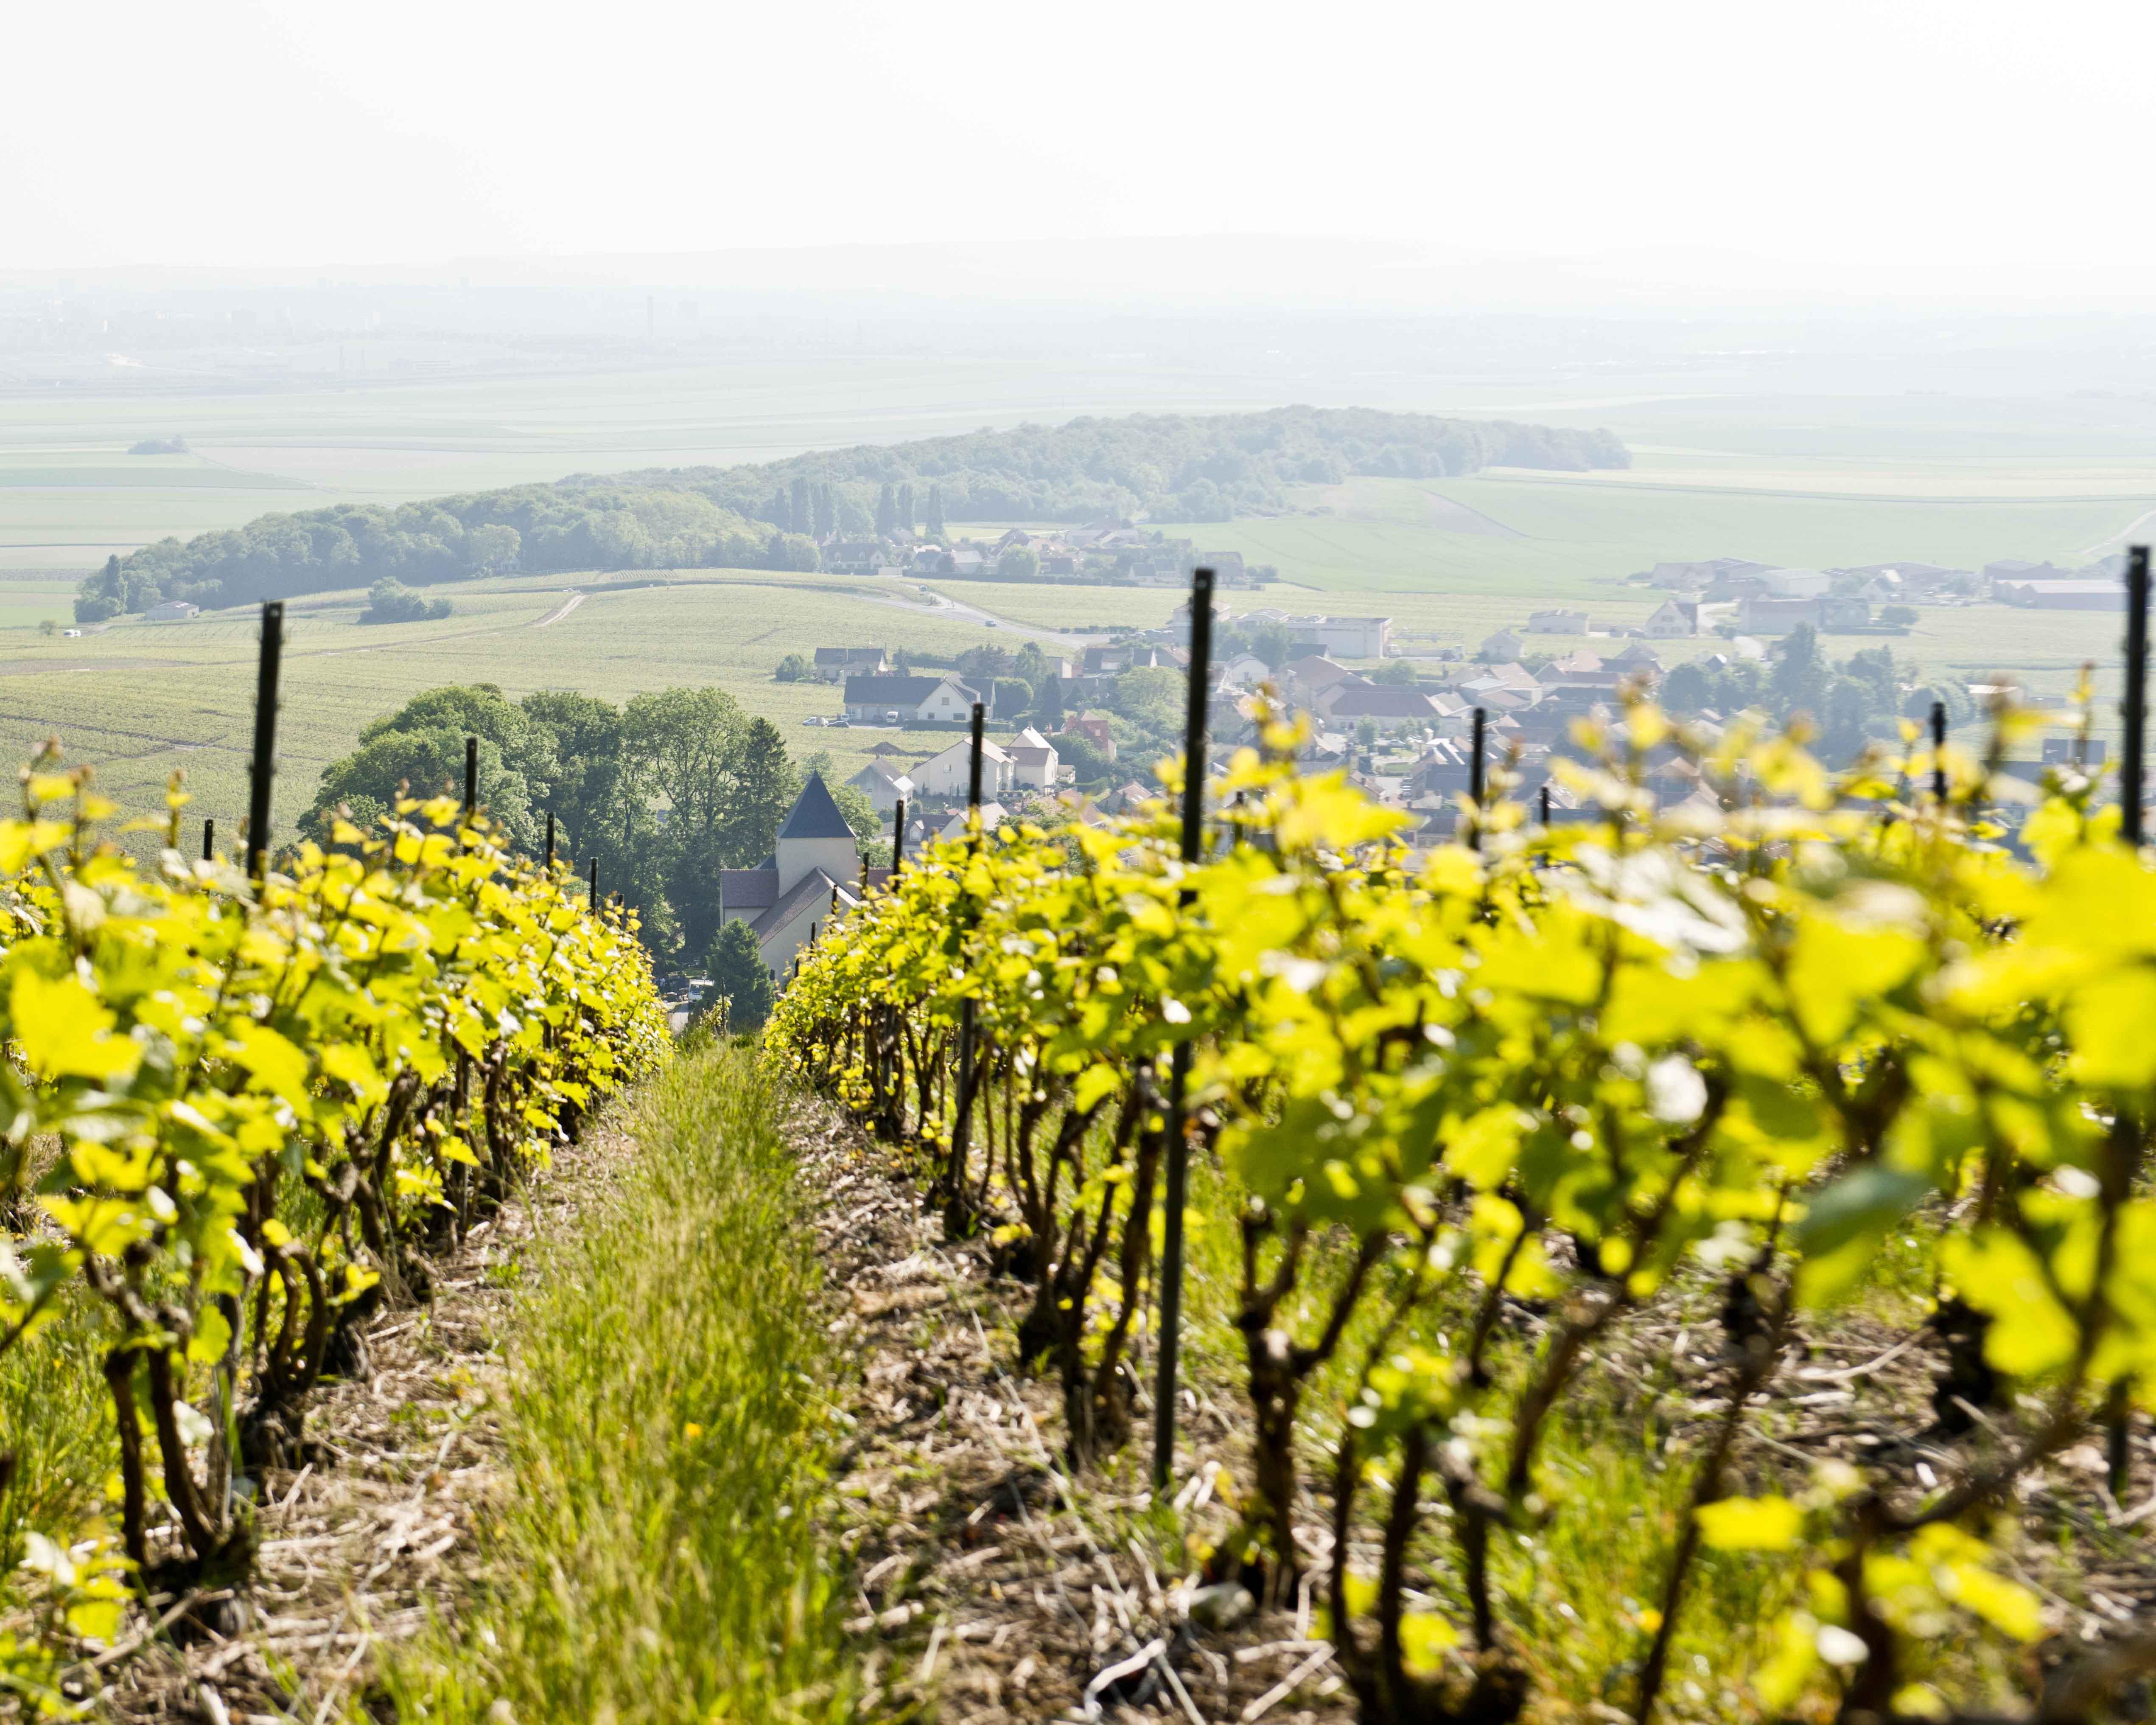 Auch der Champagner entsteht im Weinberg. Nicolas Meillart legt in sorgfältiger Arbeit hier die Grundlage für seine Weine